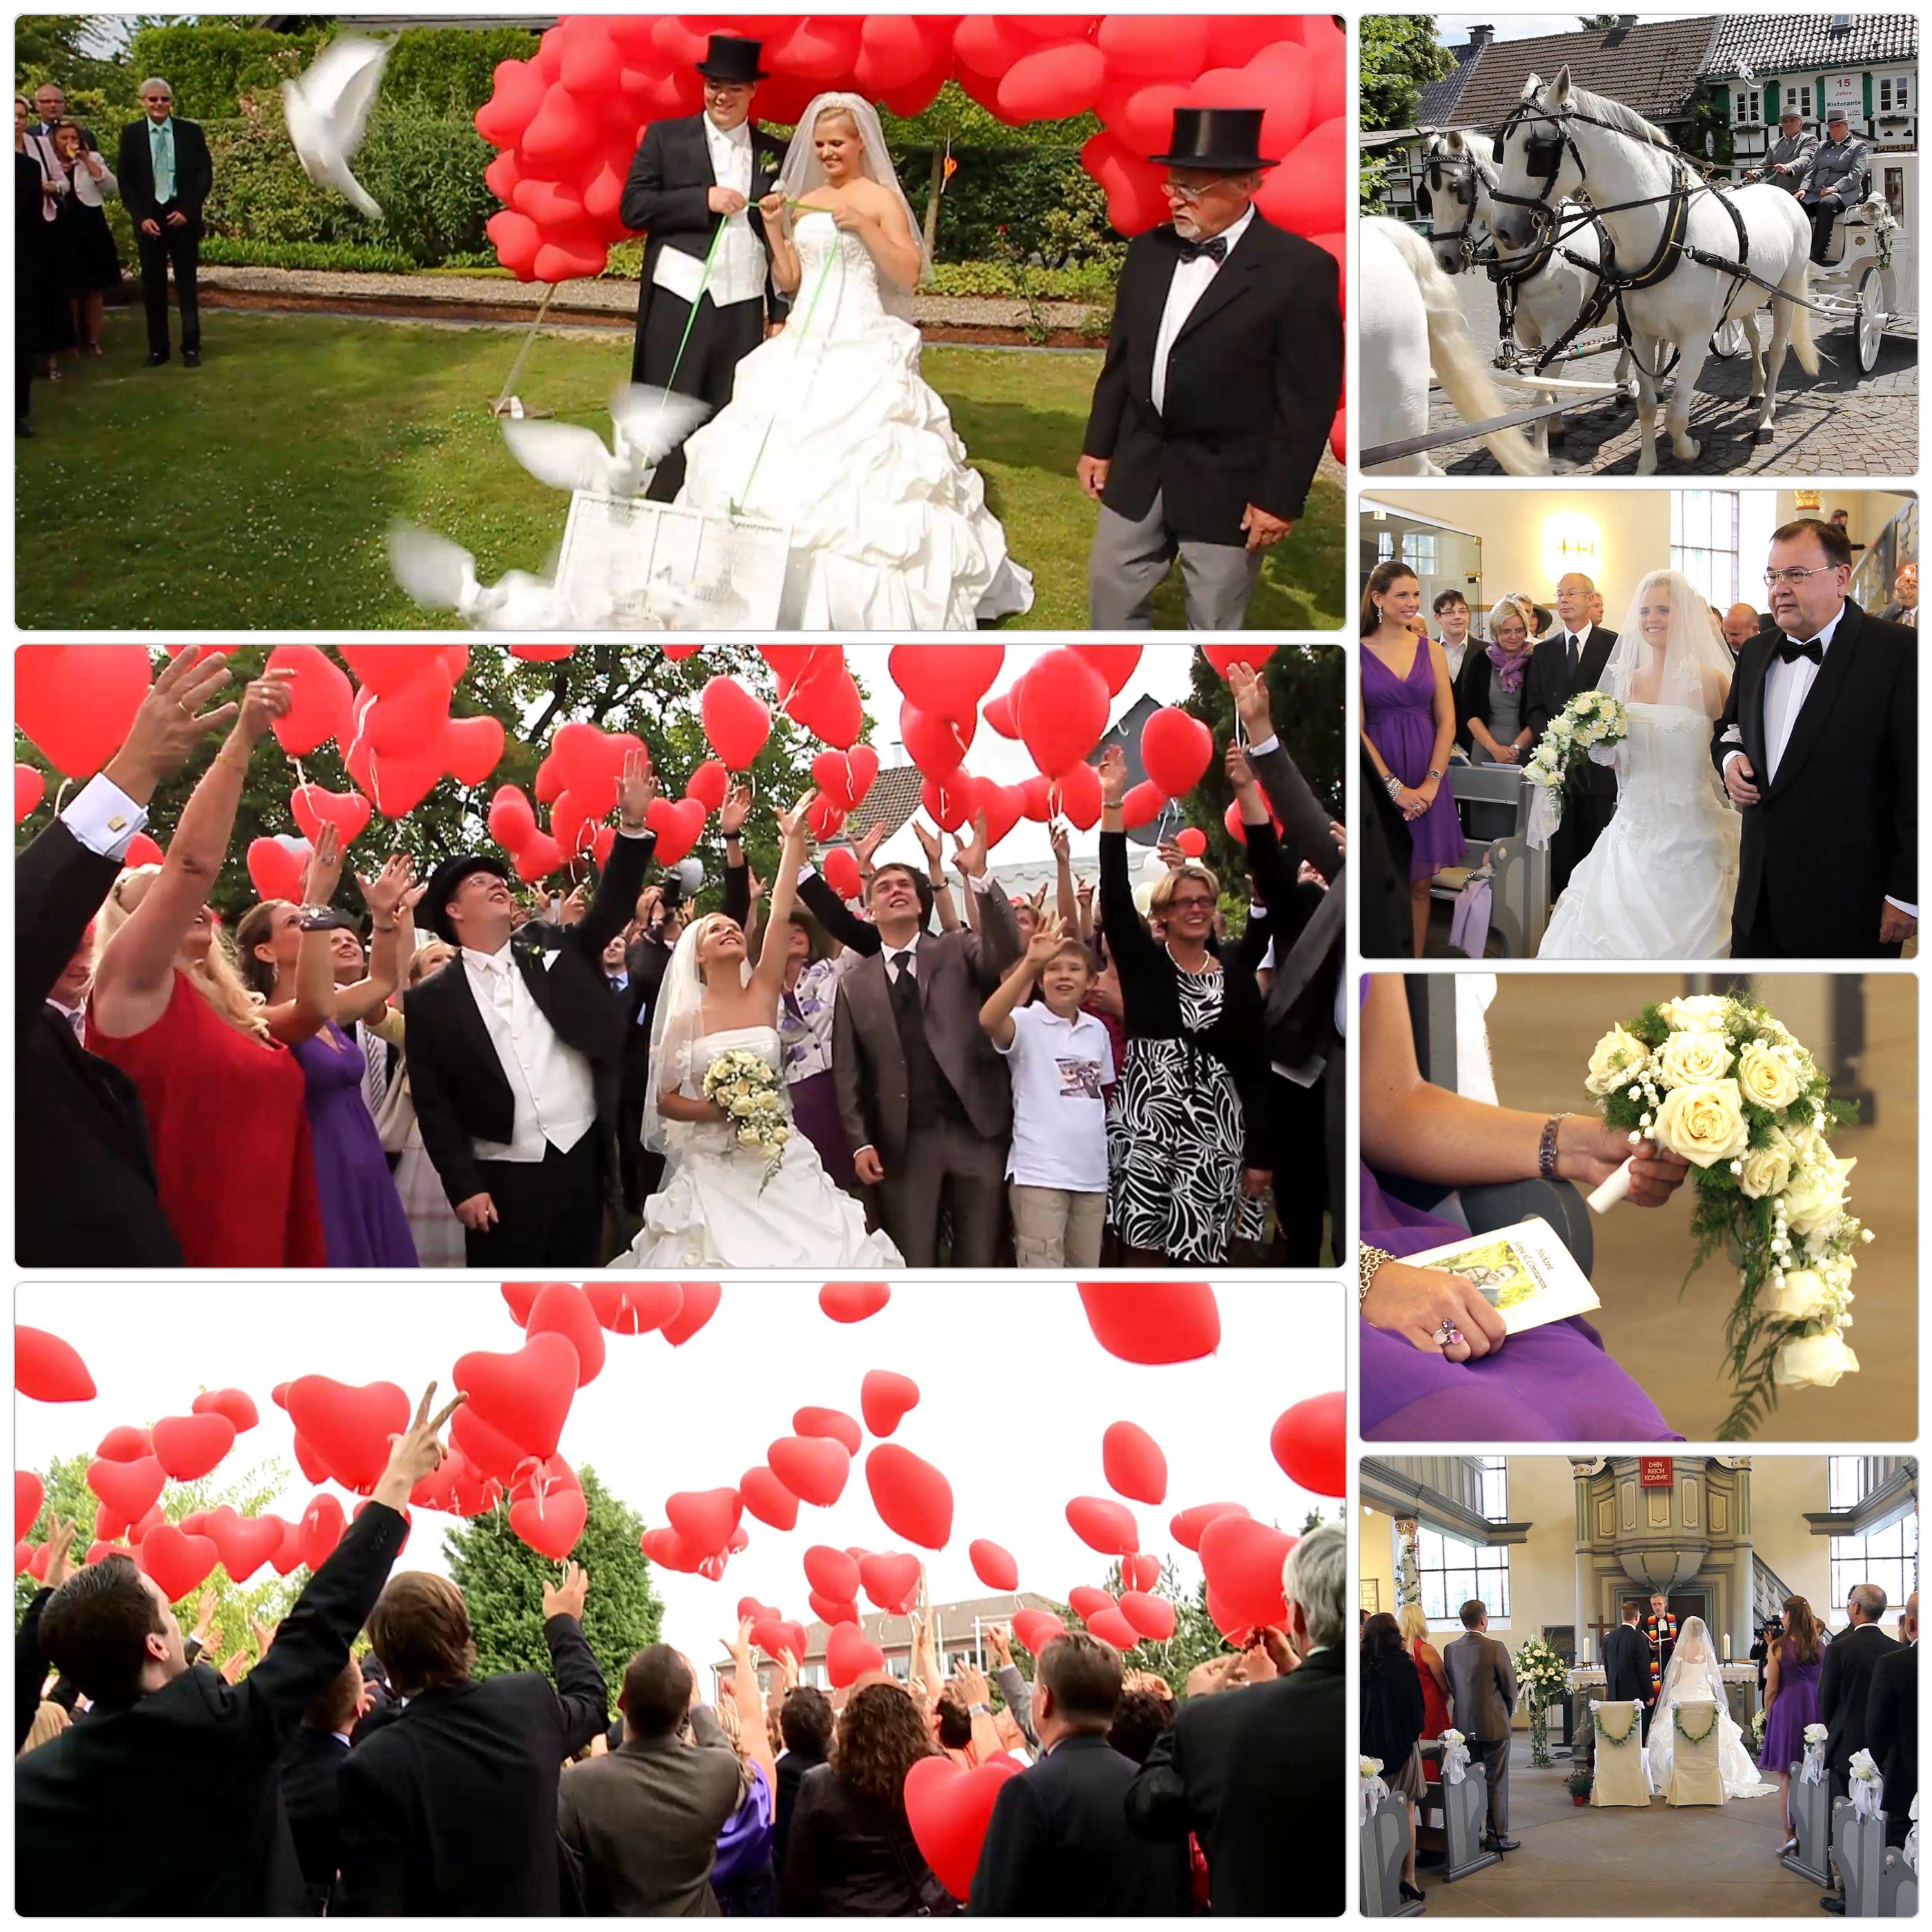 Hochzeitsreportage in Leichlingen  (c) hochzeitsreportage.tv